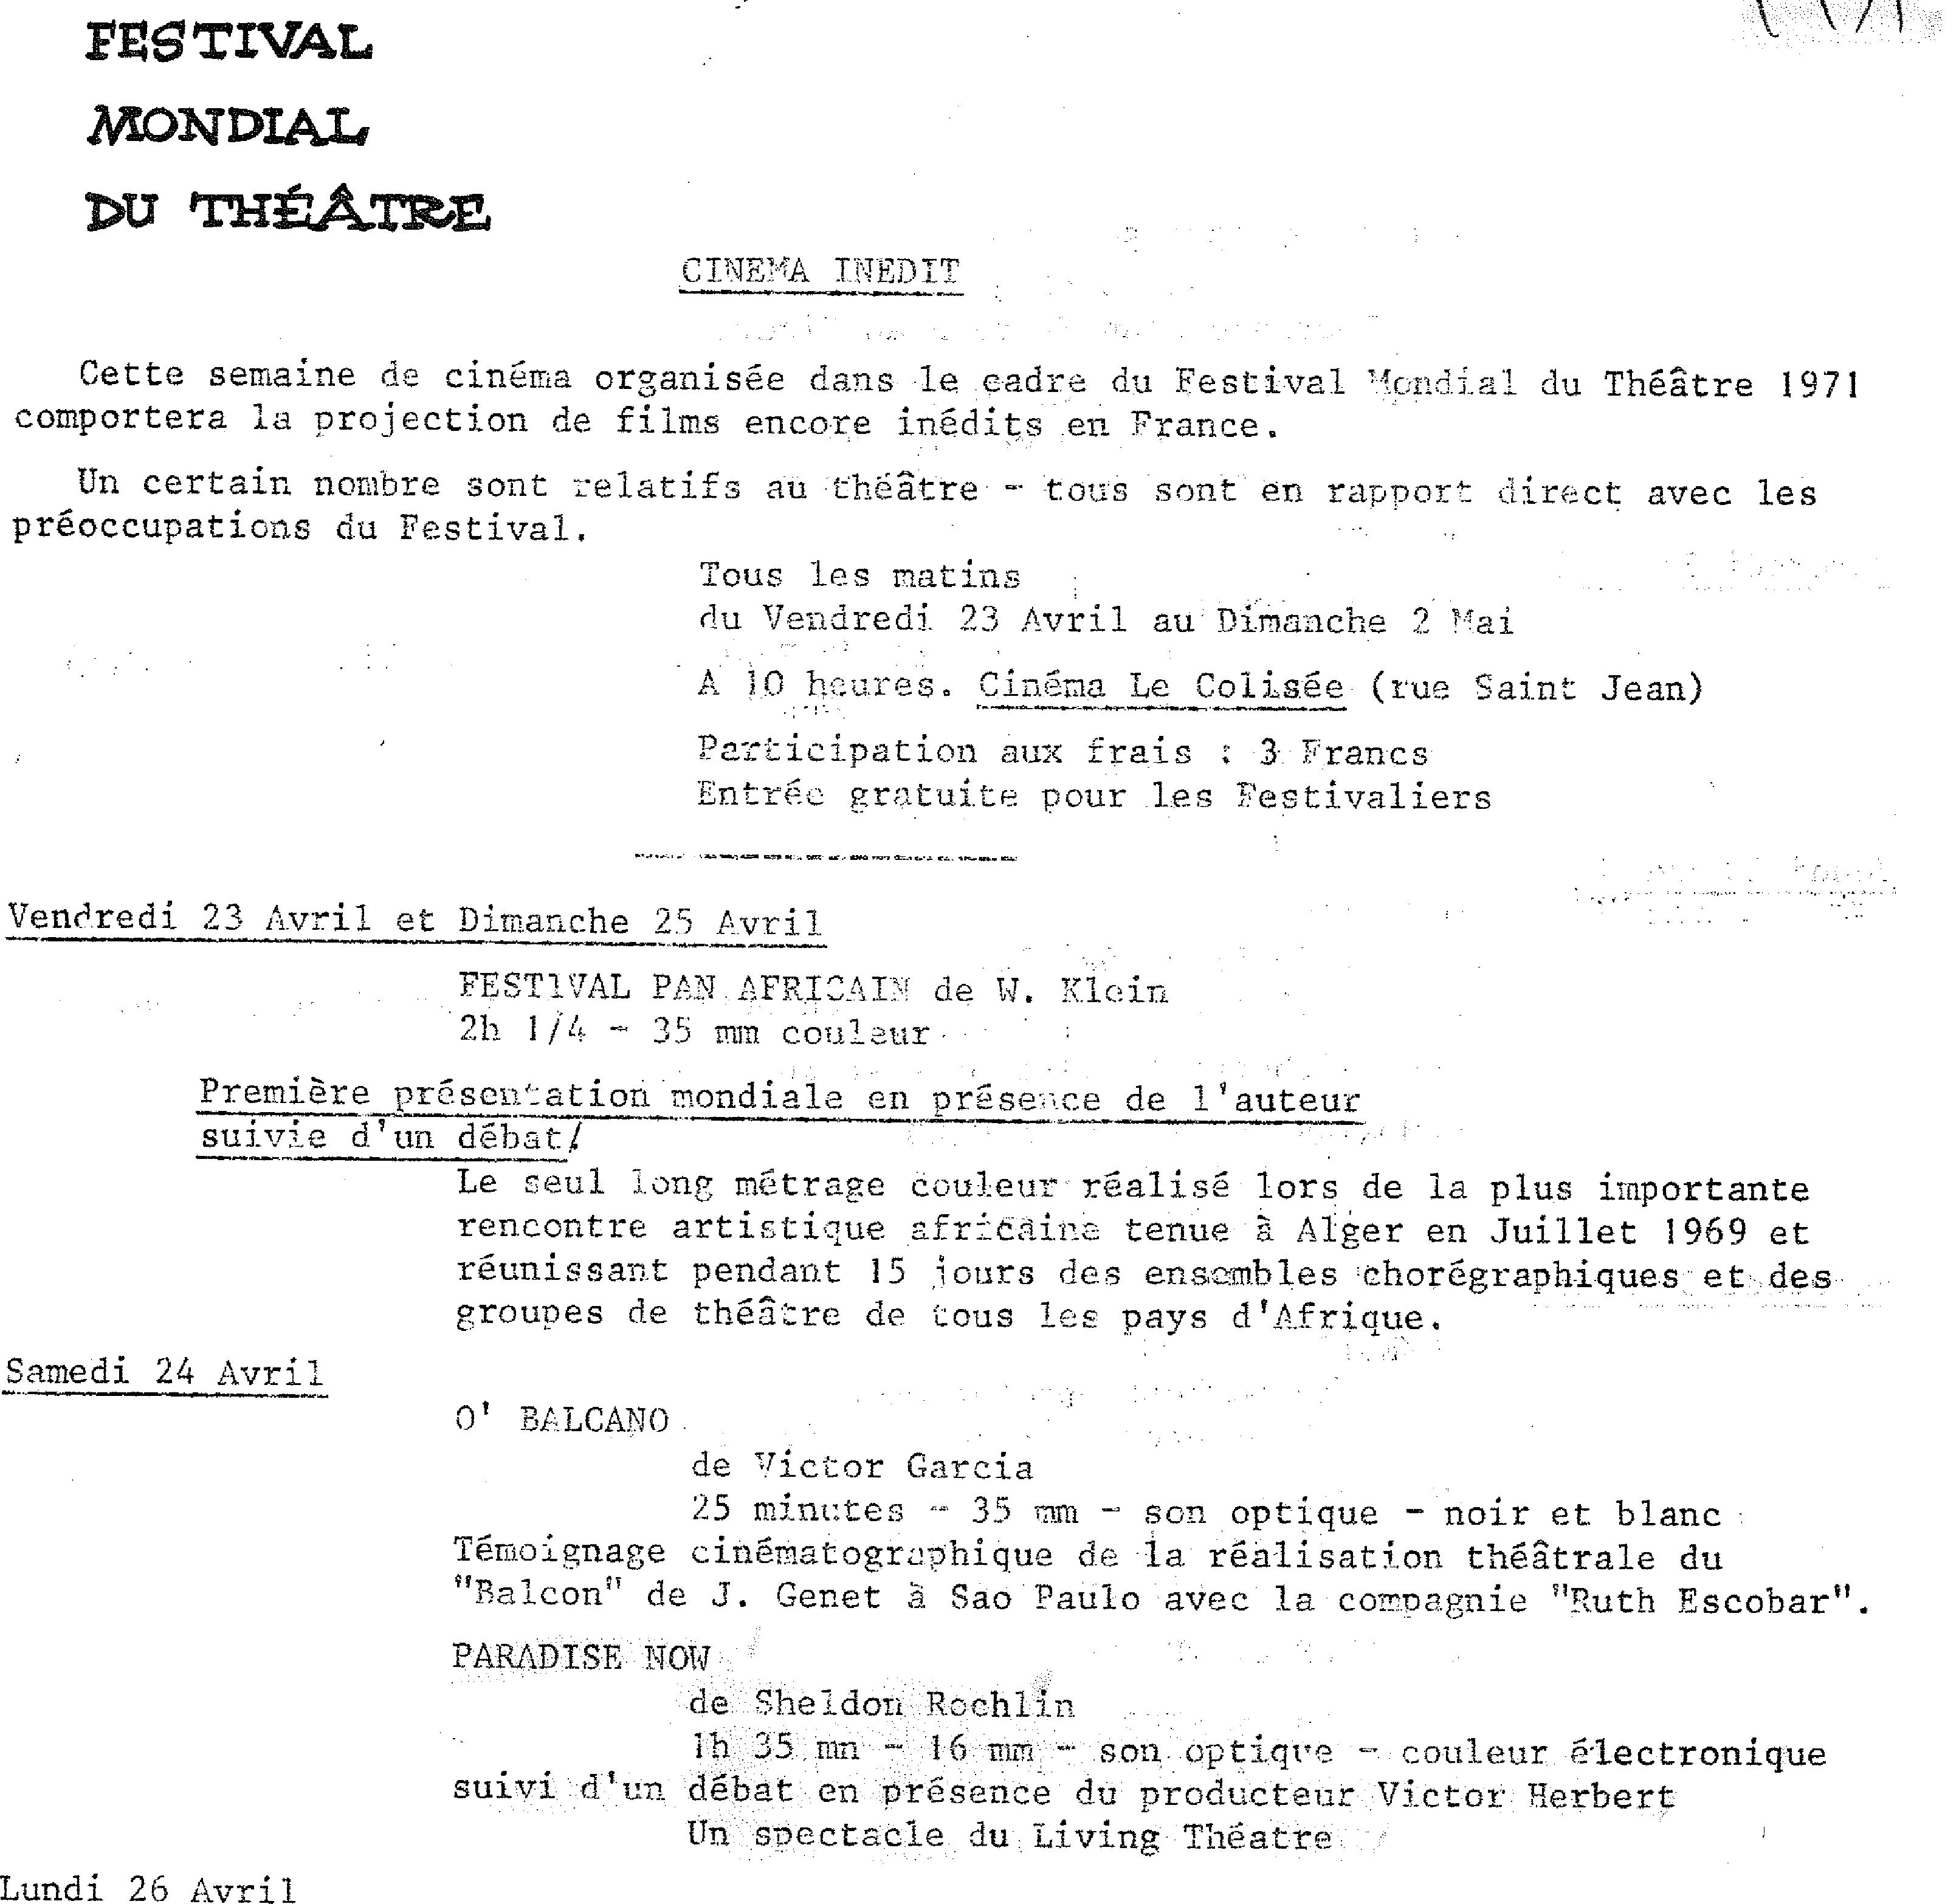 Figure 5. L'extrait du programme du festival en 1971. Le 24 avril 1971 - la projection de Paradise Now de Living Theatre. Archives de Meurthe-et-Moselle, cote du document : 68J9.